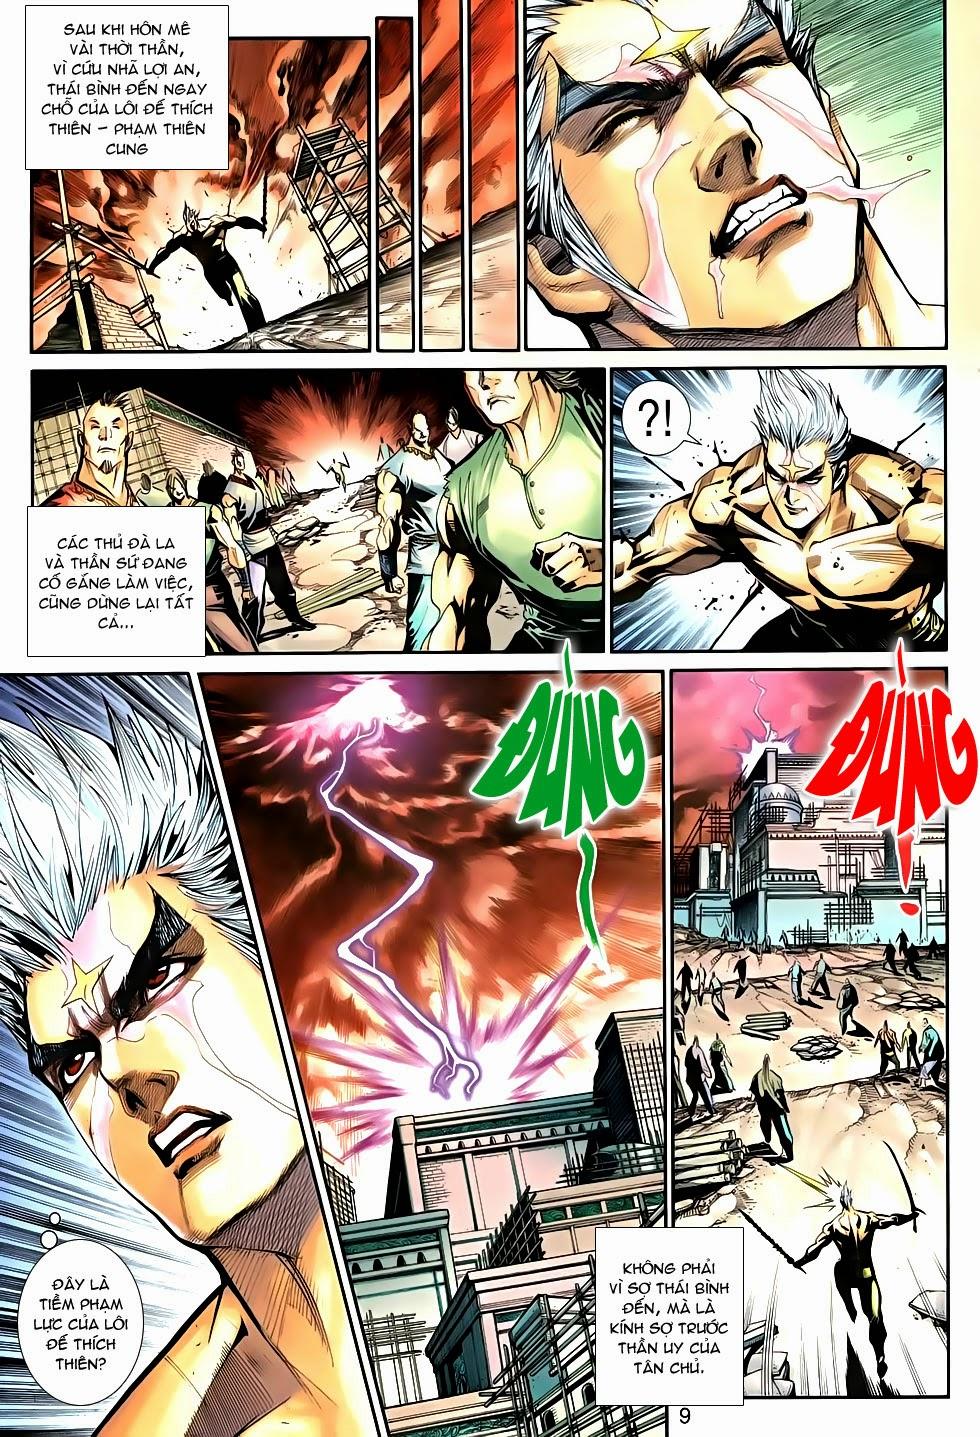 Thần Binh Tiền Truyện 2 chap 21 Trang 9 - Mangak.info